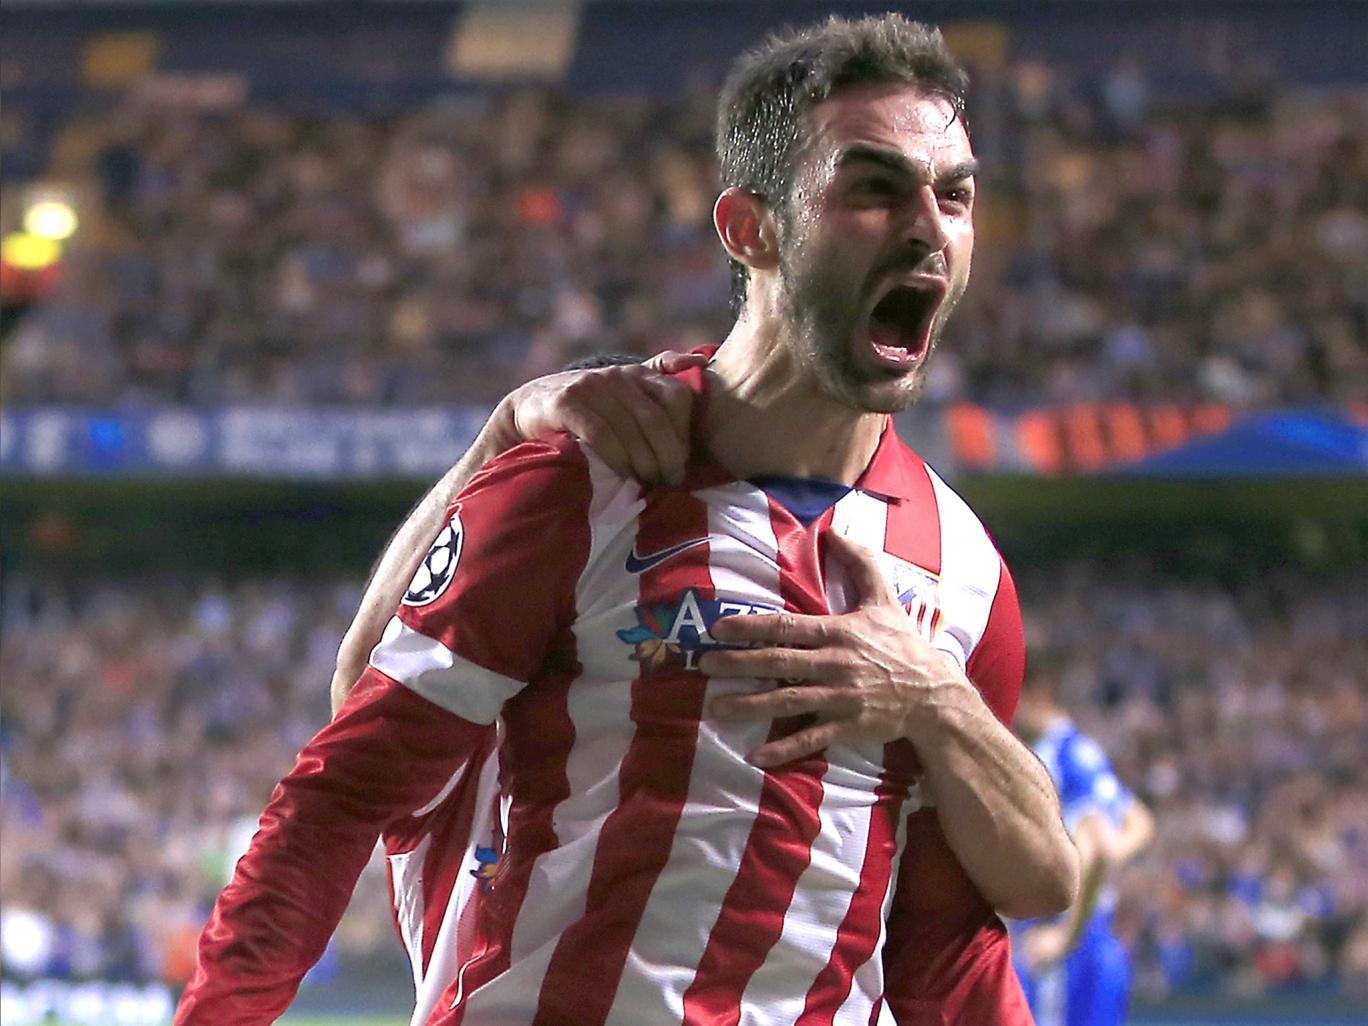 Lopez celebrates his goal